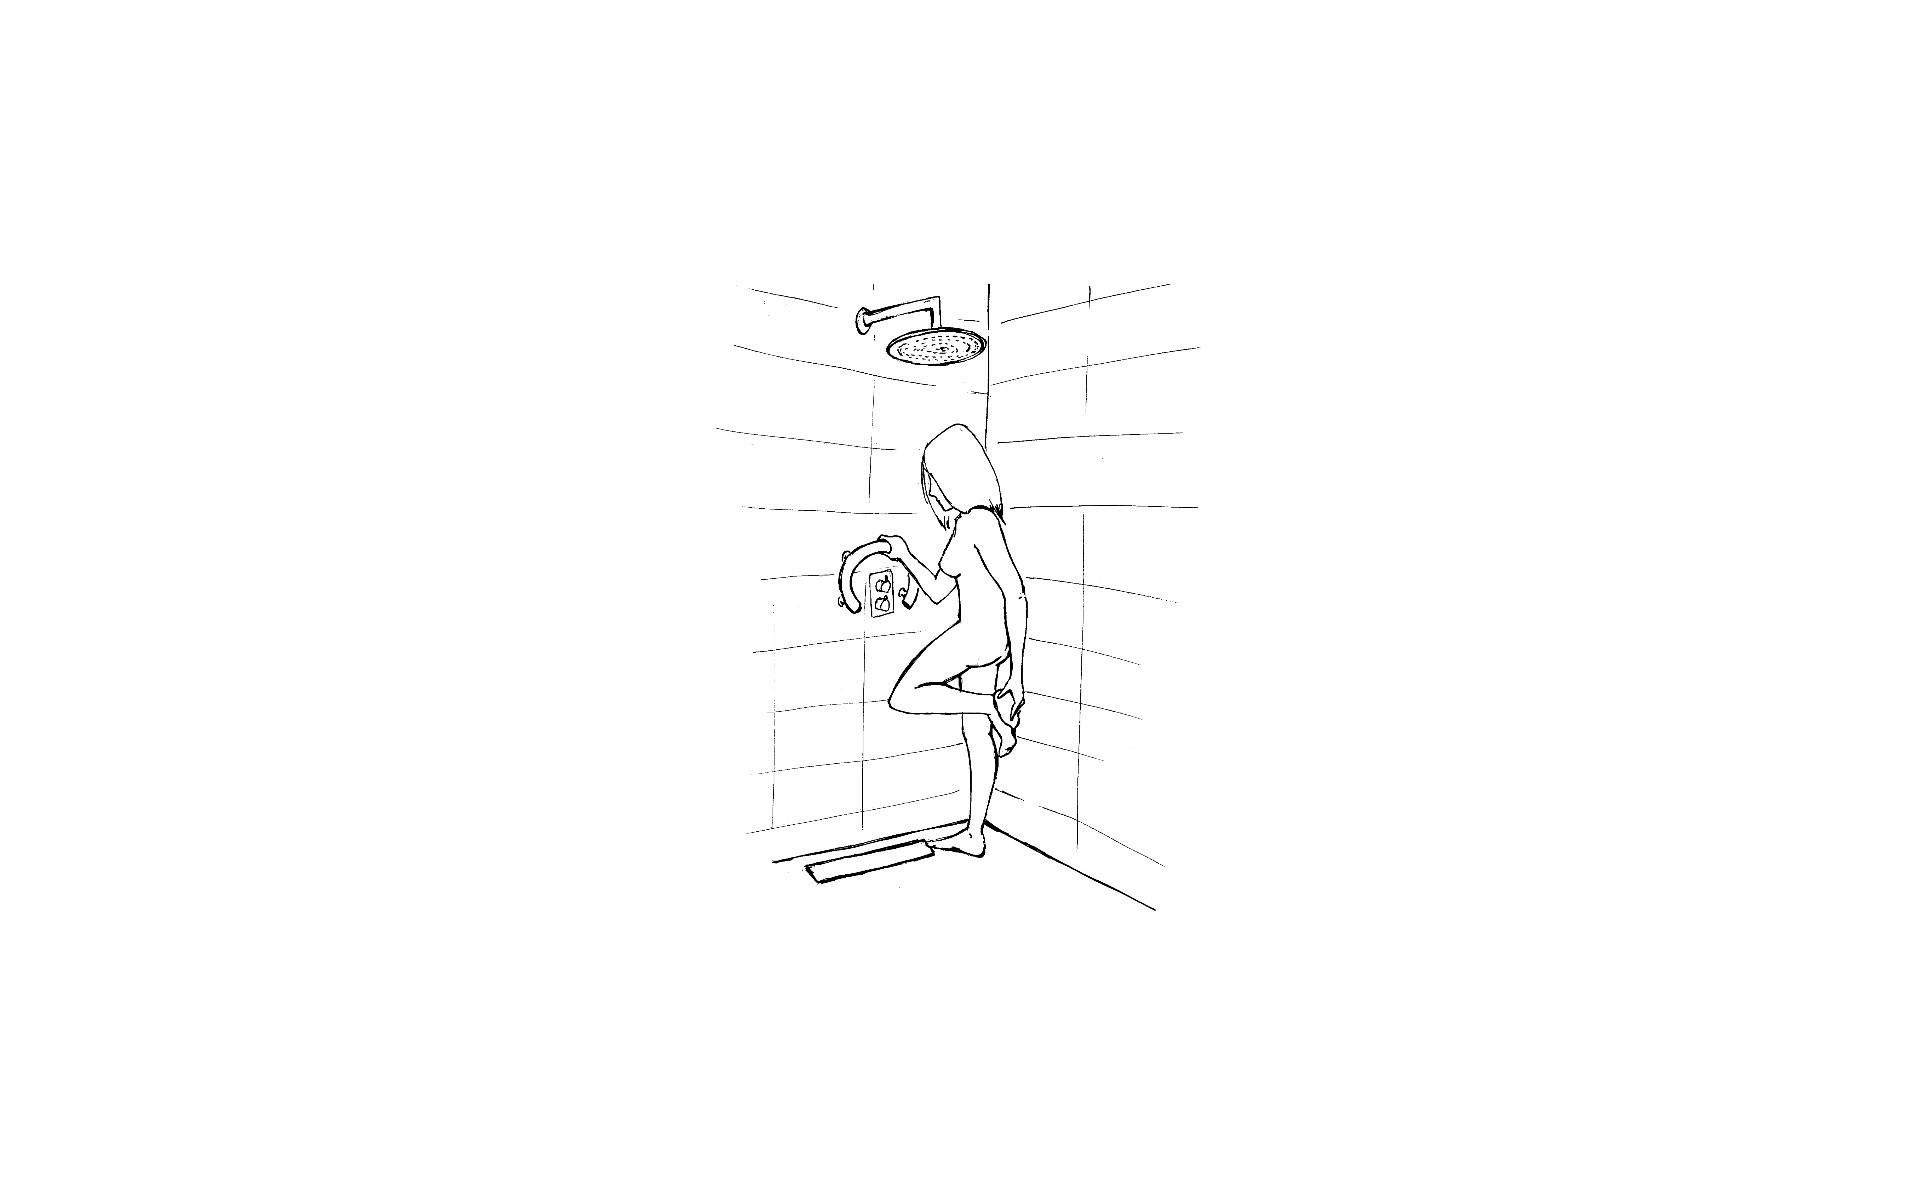 Uchwyt pod prysznic dla osoby starszej lub niepełnosprawnej.